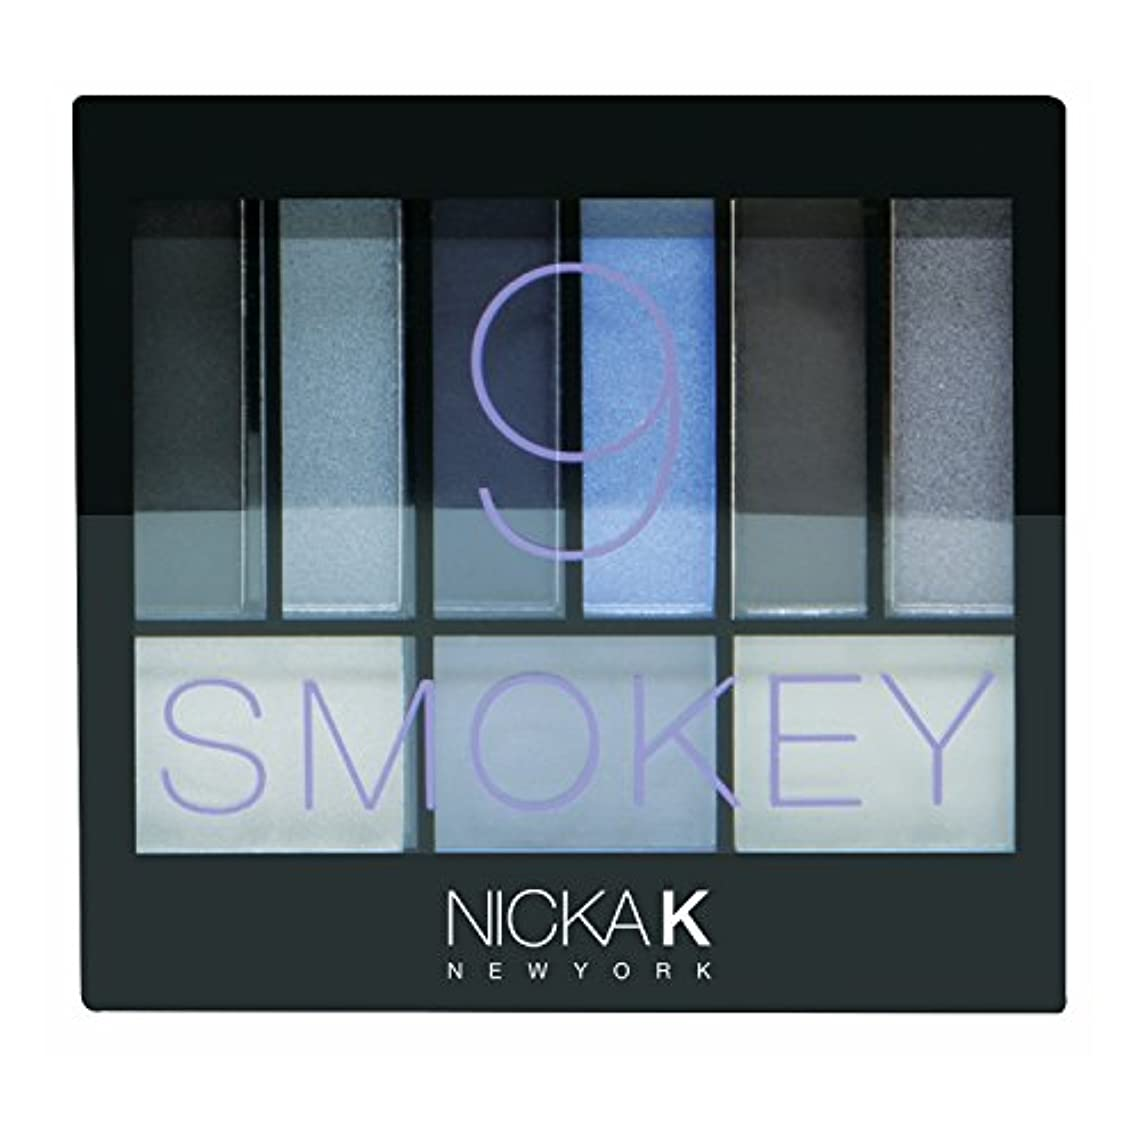 推測する致命的な造船NICKA K Perfect 9 Smokey Eyeshadow Palette Set (並行輸入品)